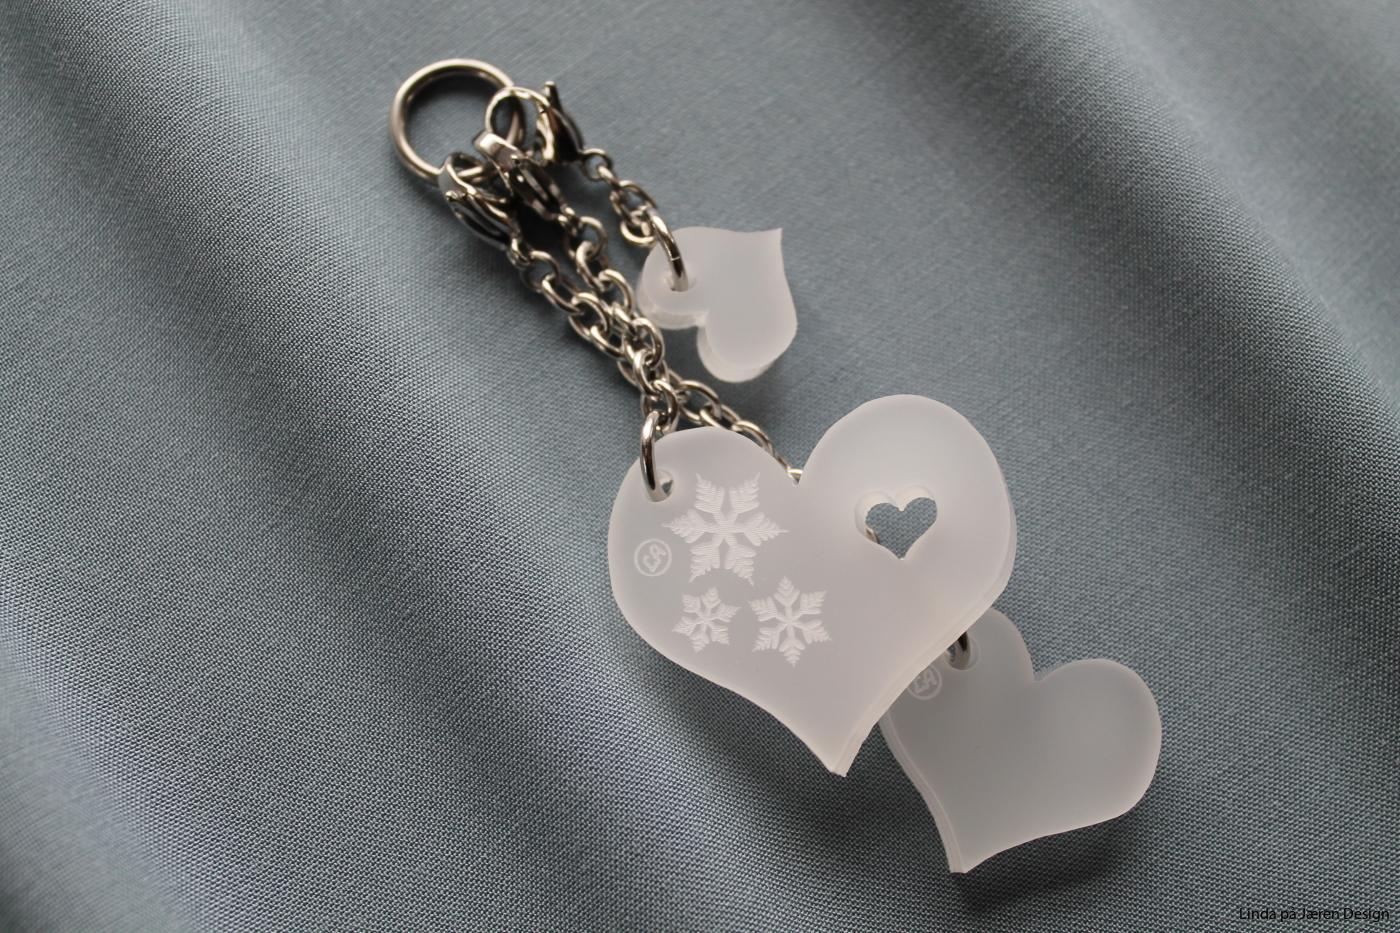 Vinter Hjerte